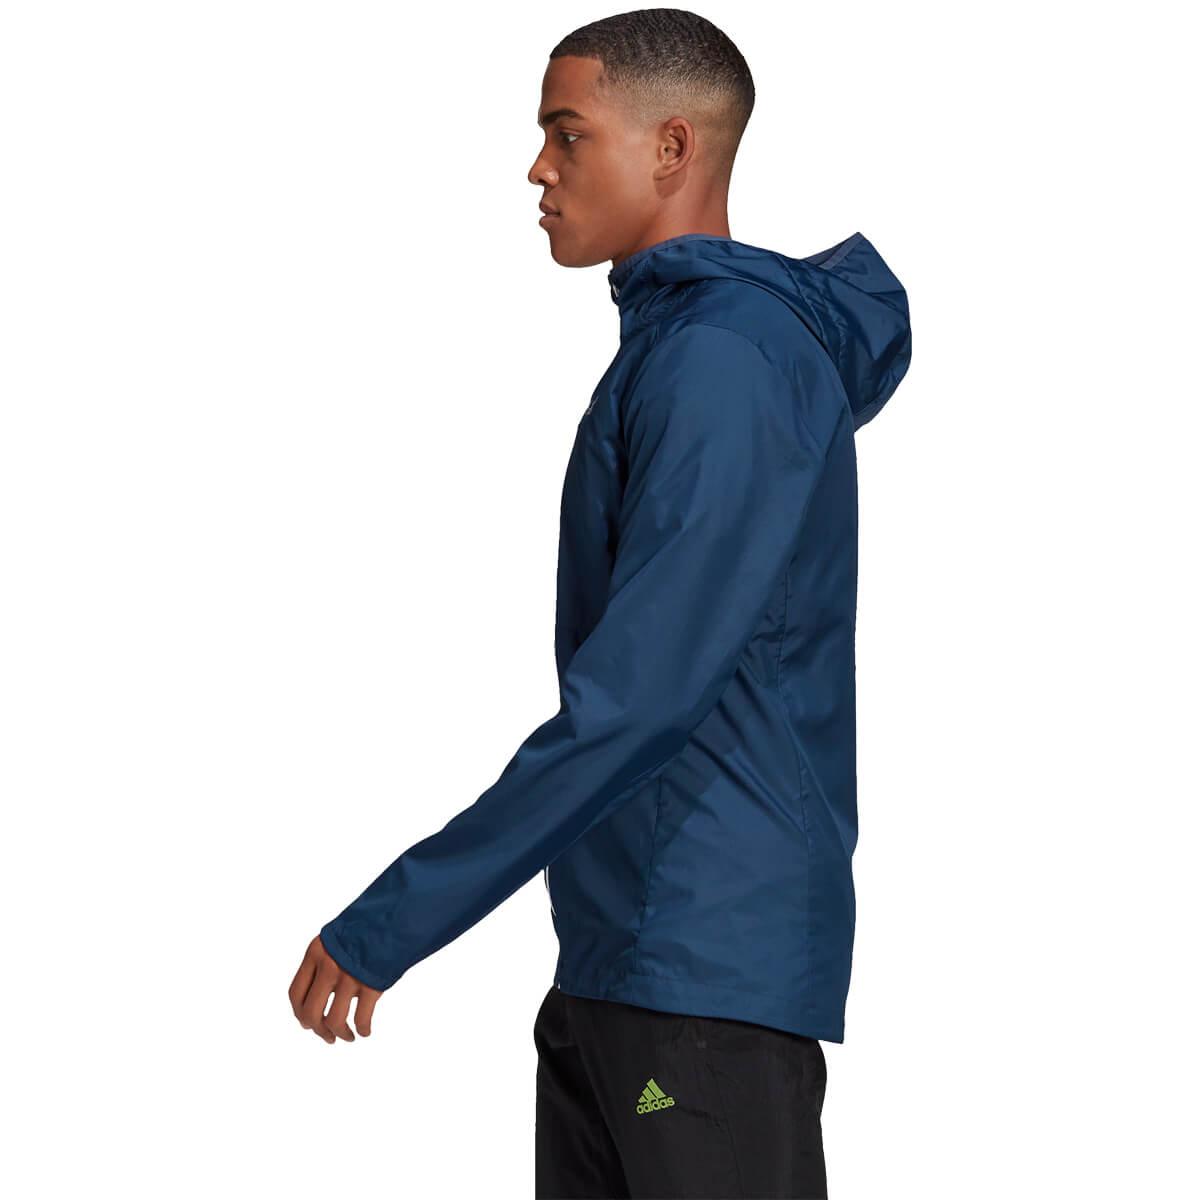 adidas Own The Run Løbejakke Herre